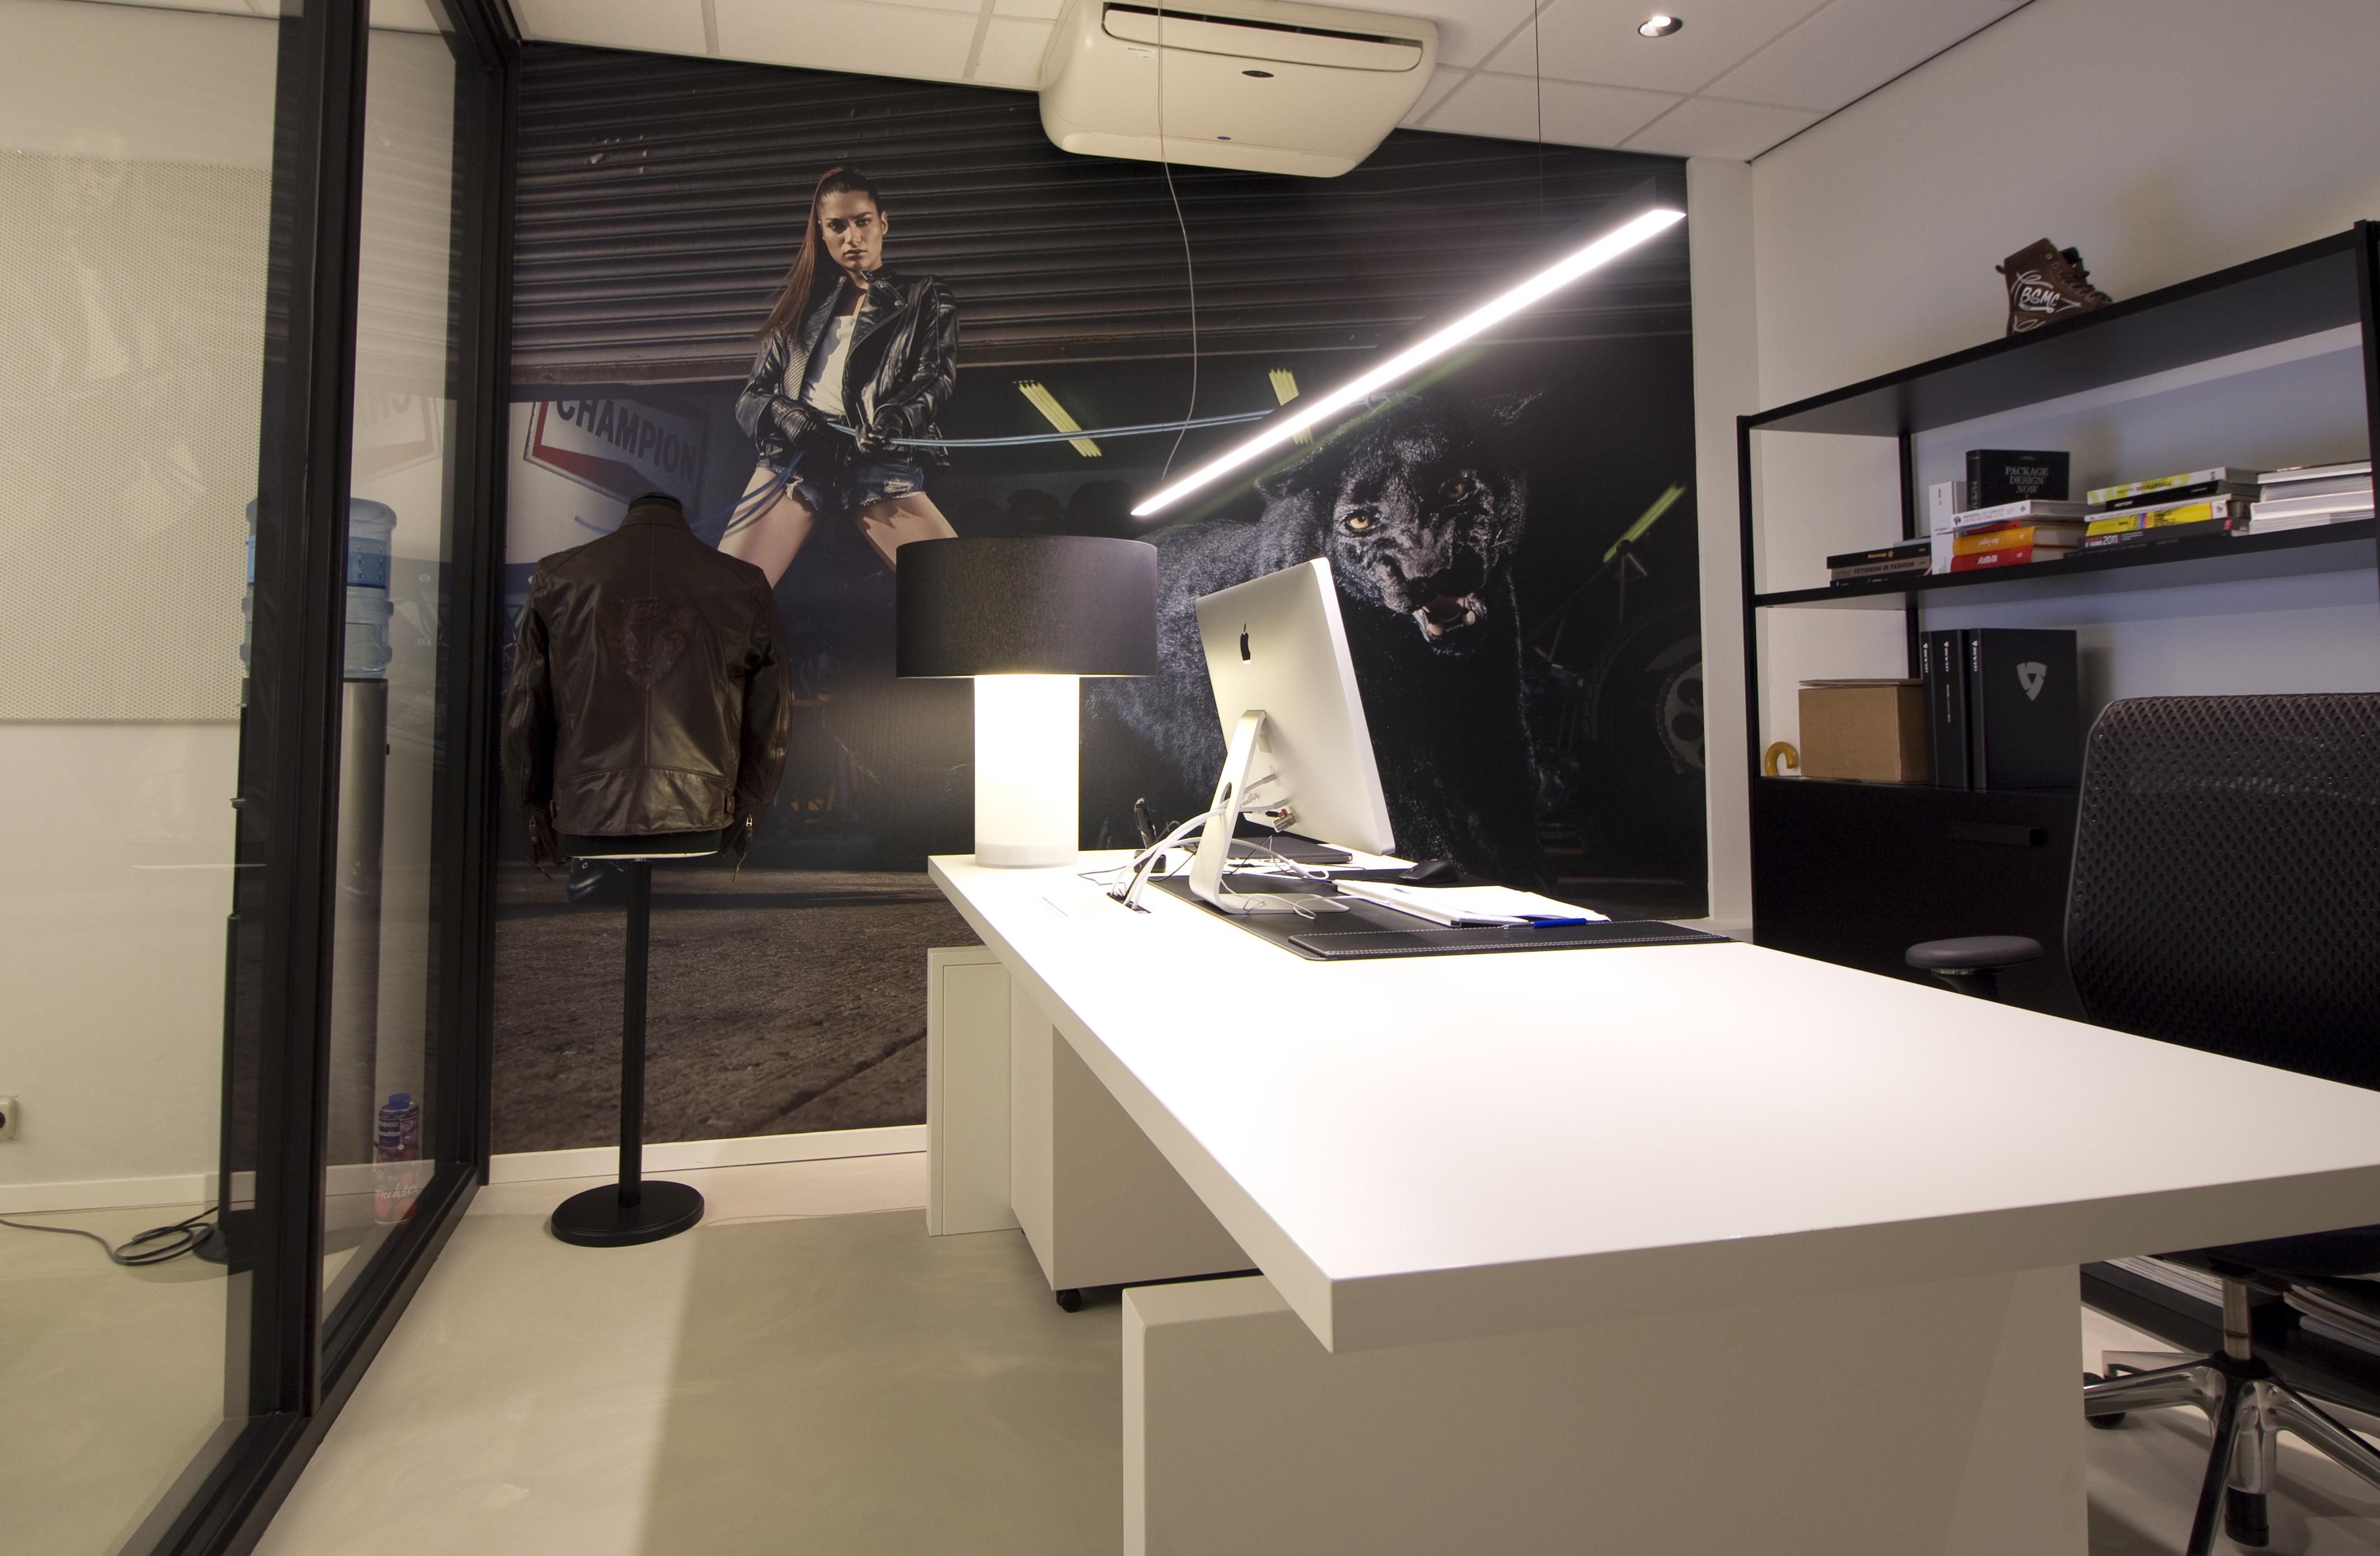 Rev 39 it kiest voor interieur graphics metroxl metroxl - Entree interieur decoratie ...